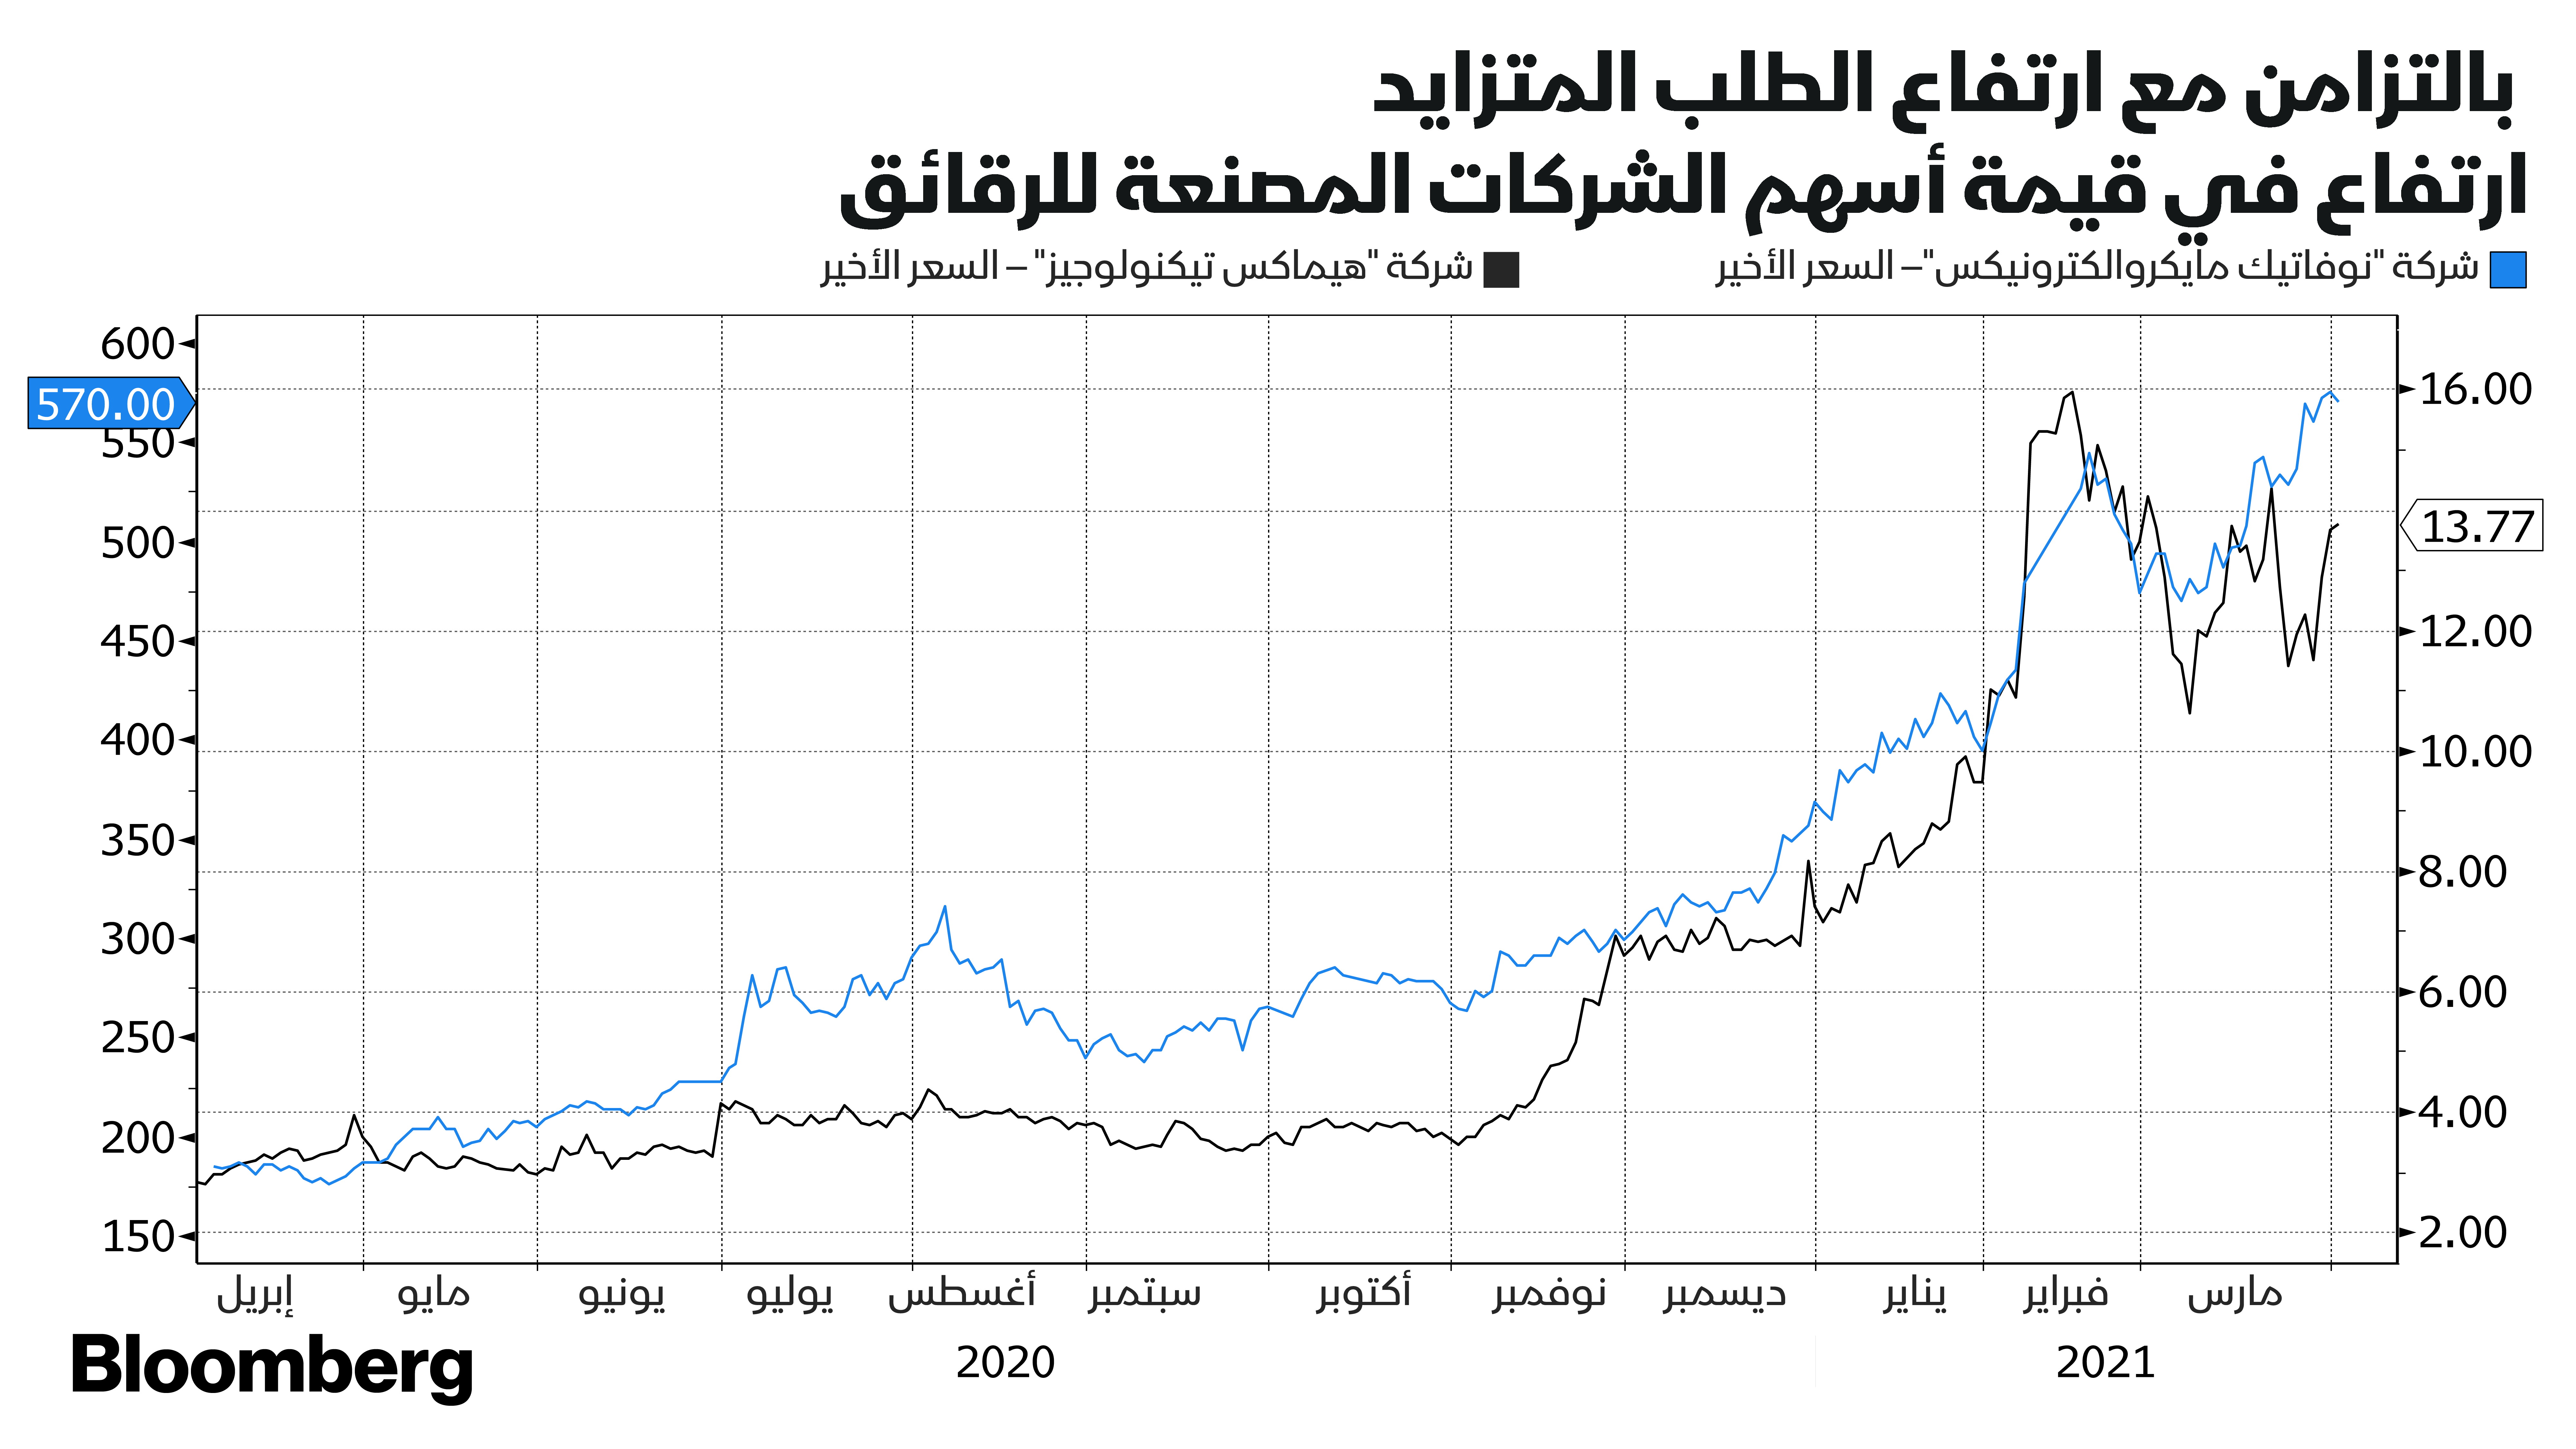 ارتفاع الطلب على الرقائق الإلكترونية، يقفز بأسعار أسهم الشركات المصنعة لها.